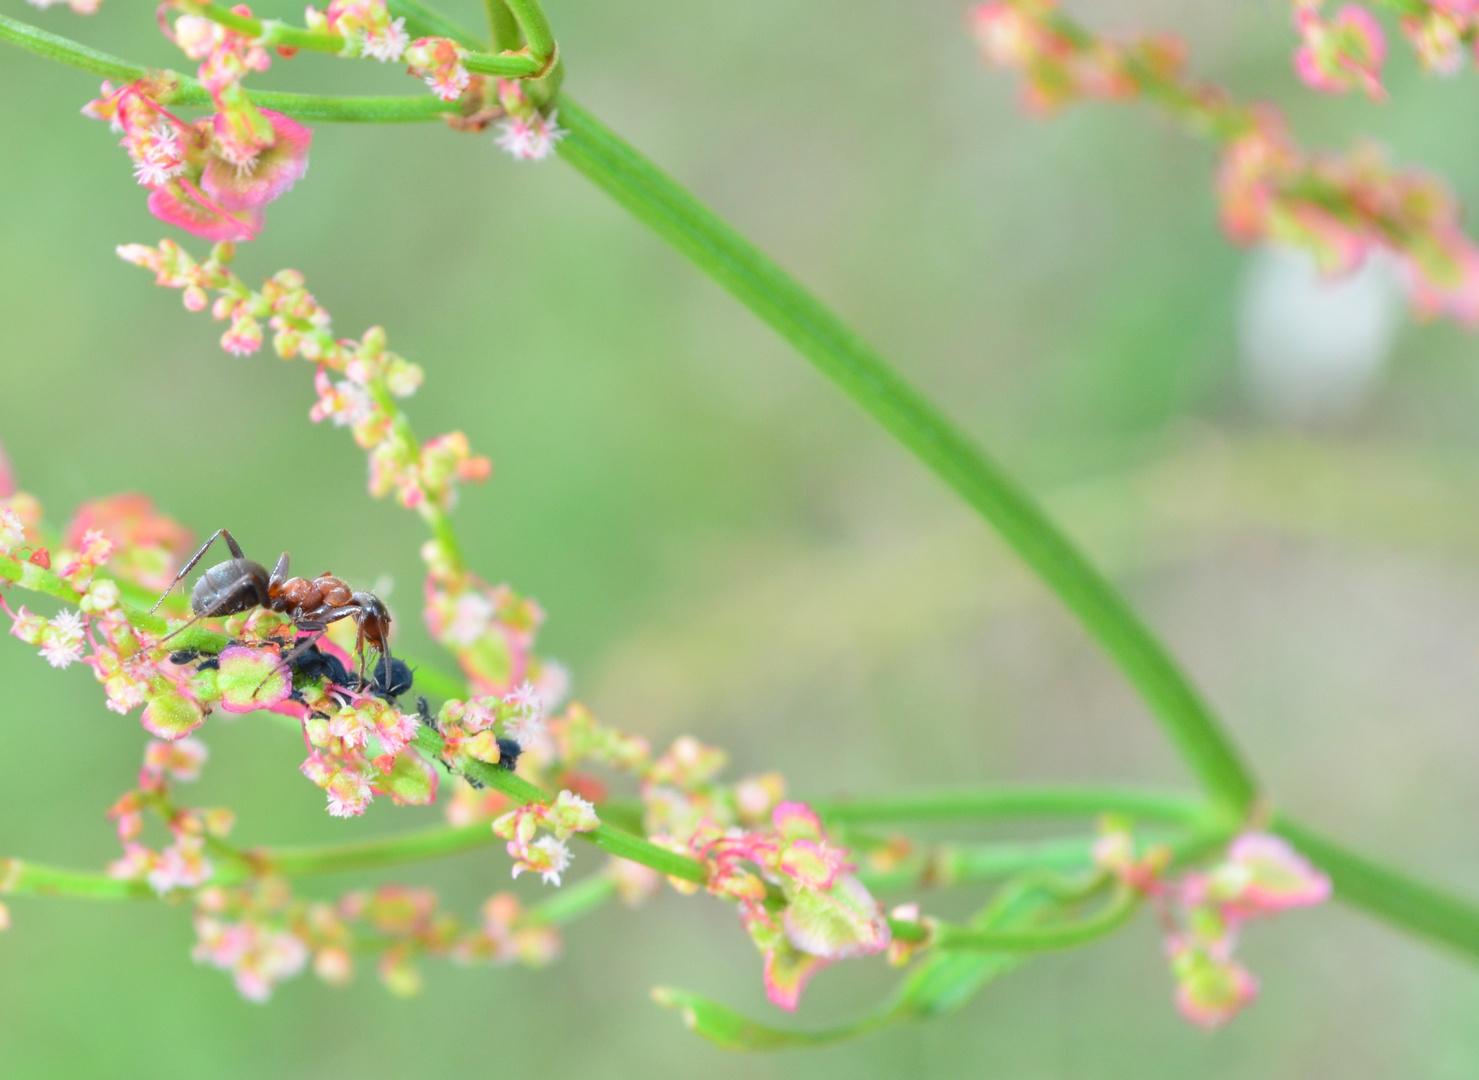 Ameise verspeist Blattläuse